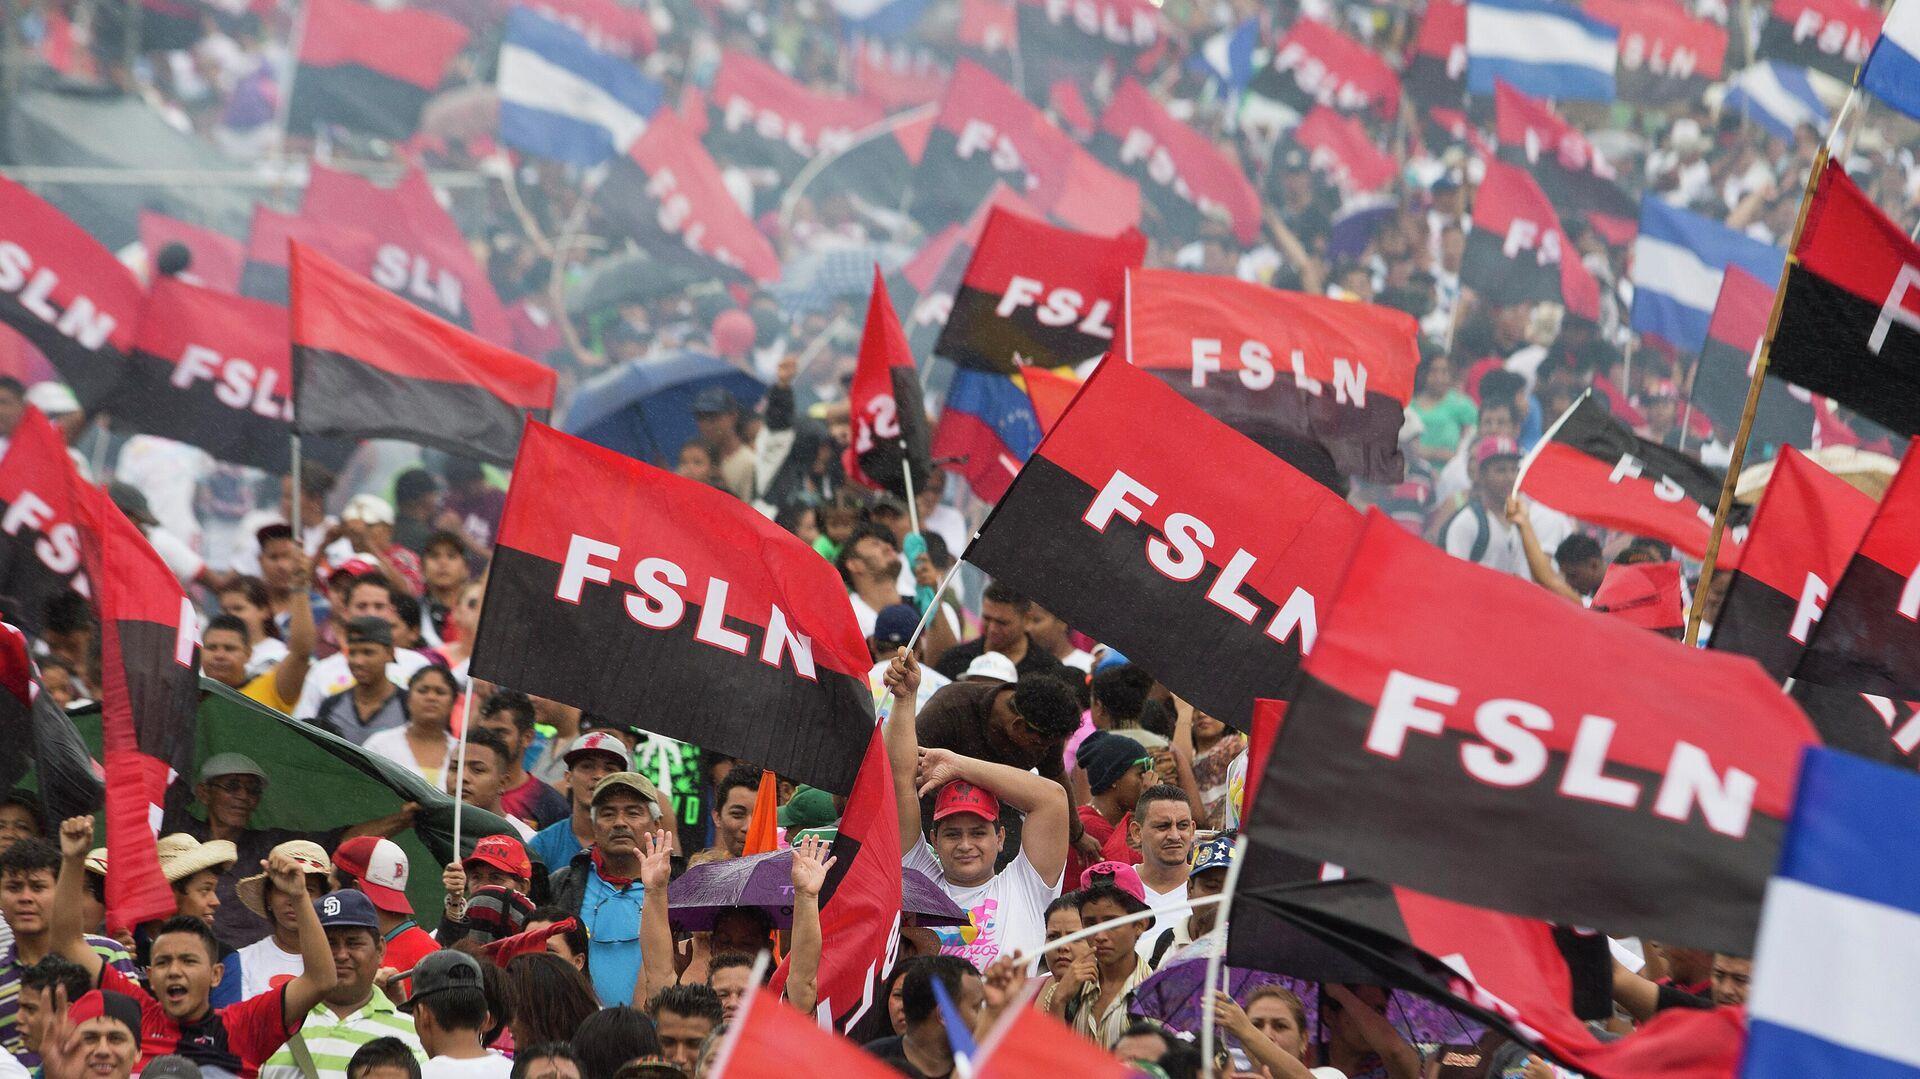 Partidarios del Frente Sandinista de Liberación Nacional (FSLN) - Sputnik Mundo, 1920, 20.02.2021